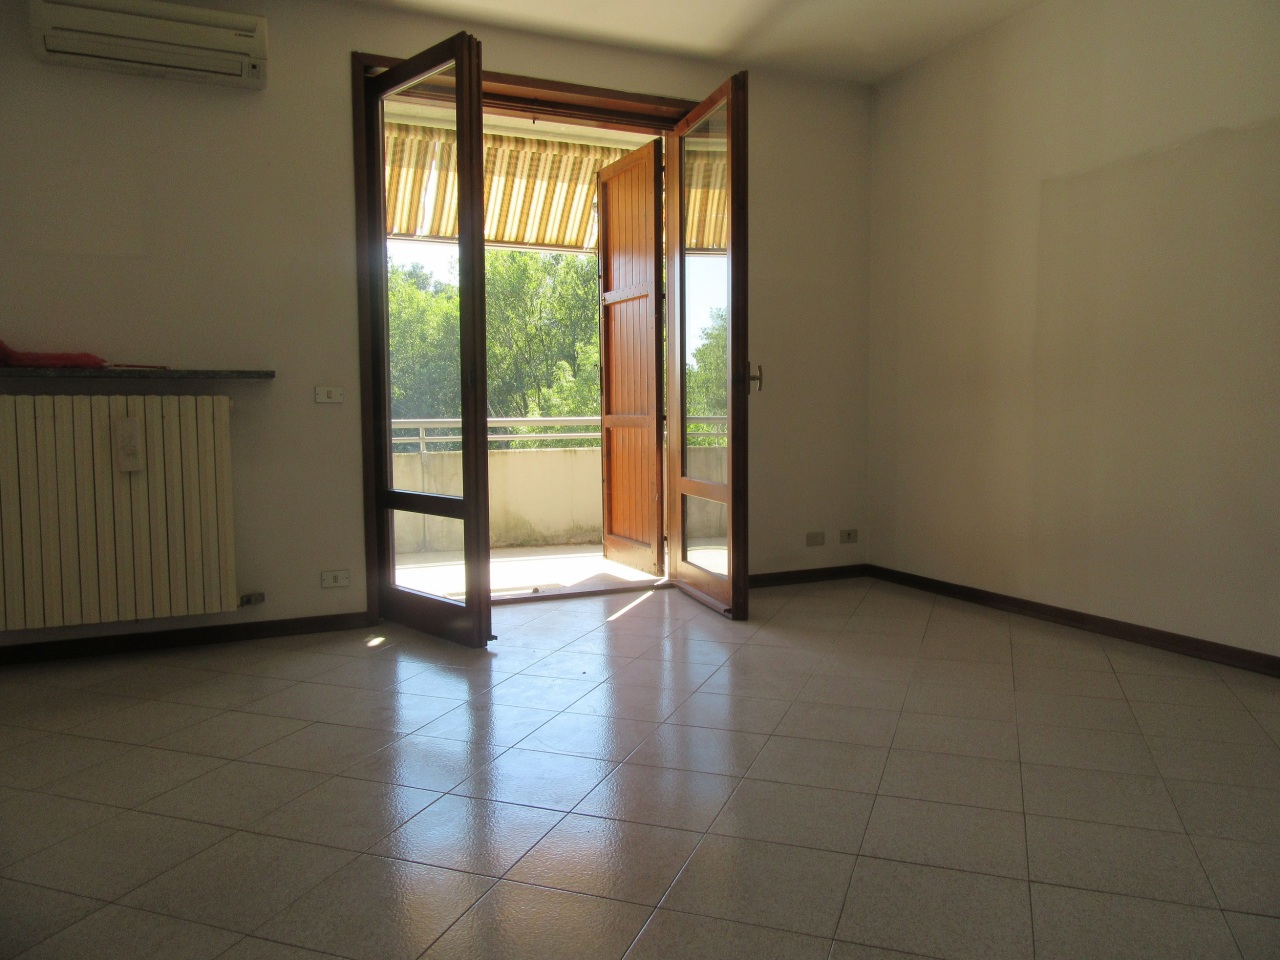 Appartamento in vendita a Medesano, 4 locali, prezzo € 168.000 | Cambio Casa.it